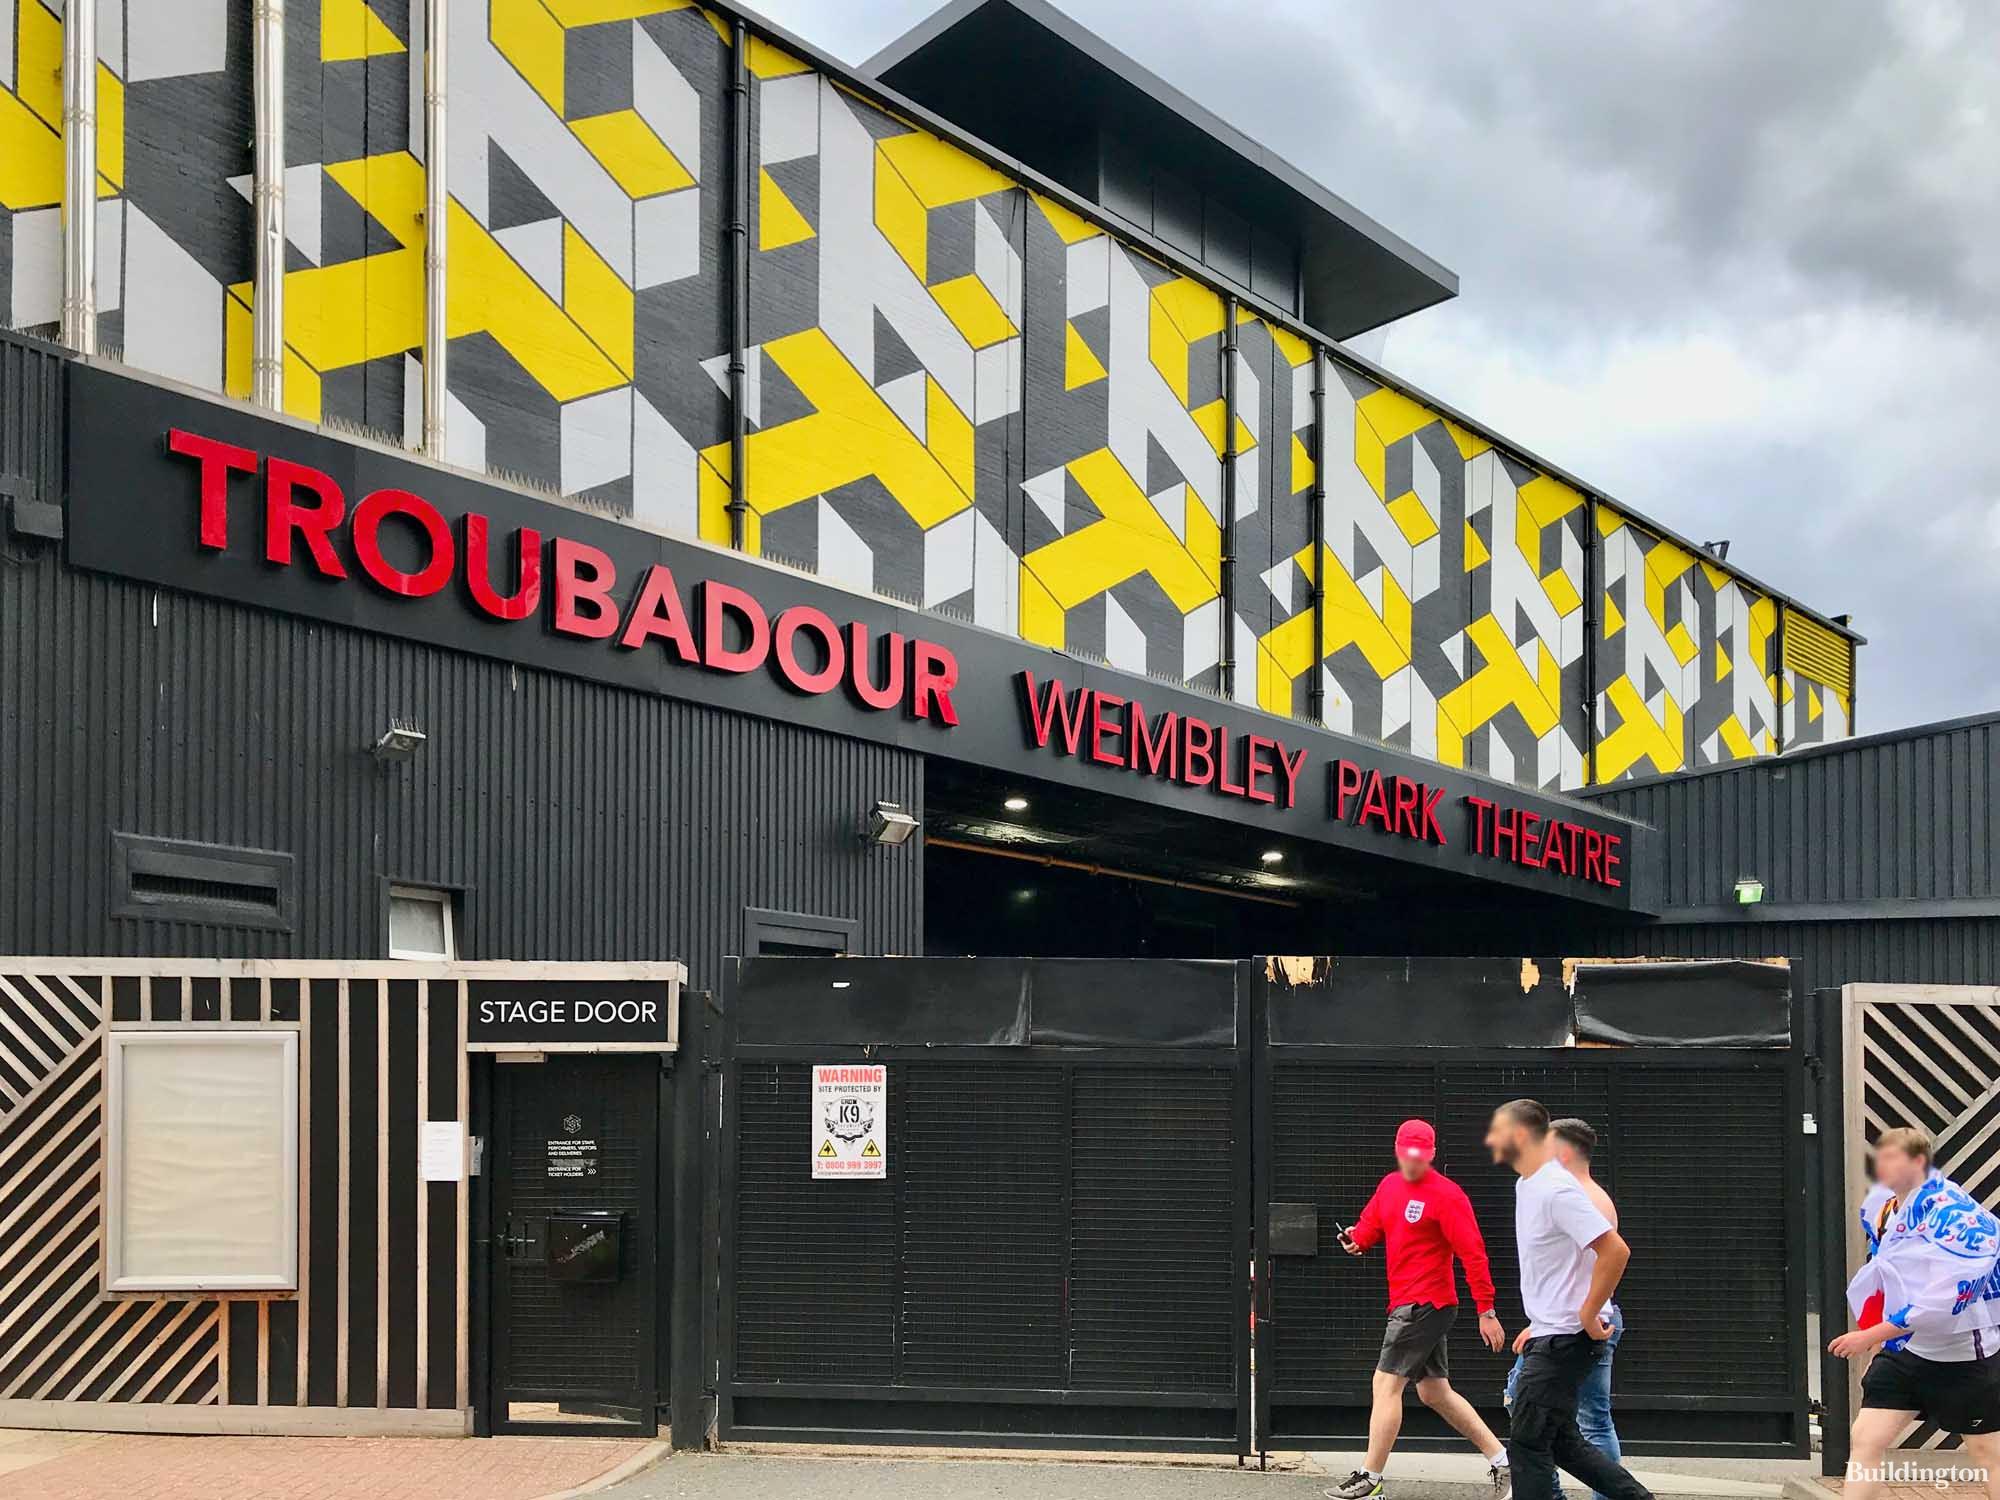 Troubadour Wembley Park Theatre building on Fulton Road.